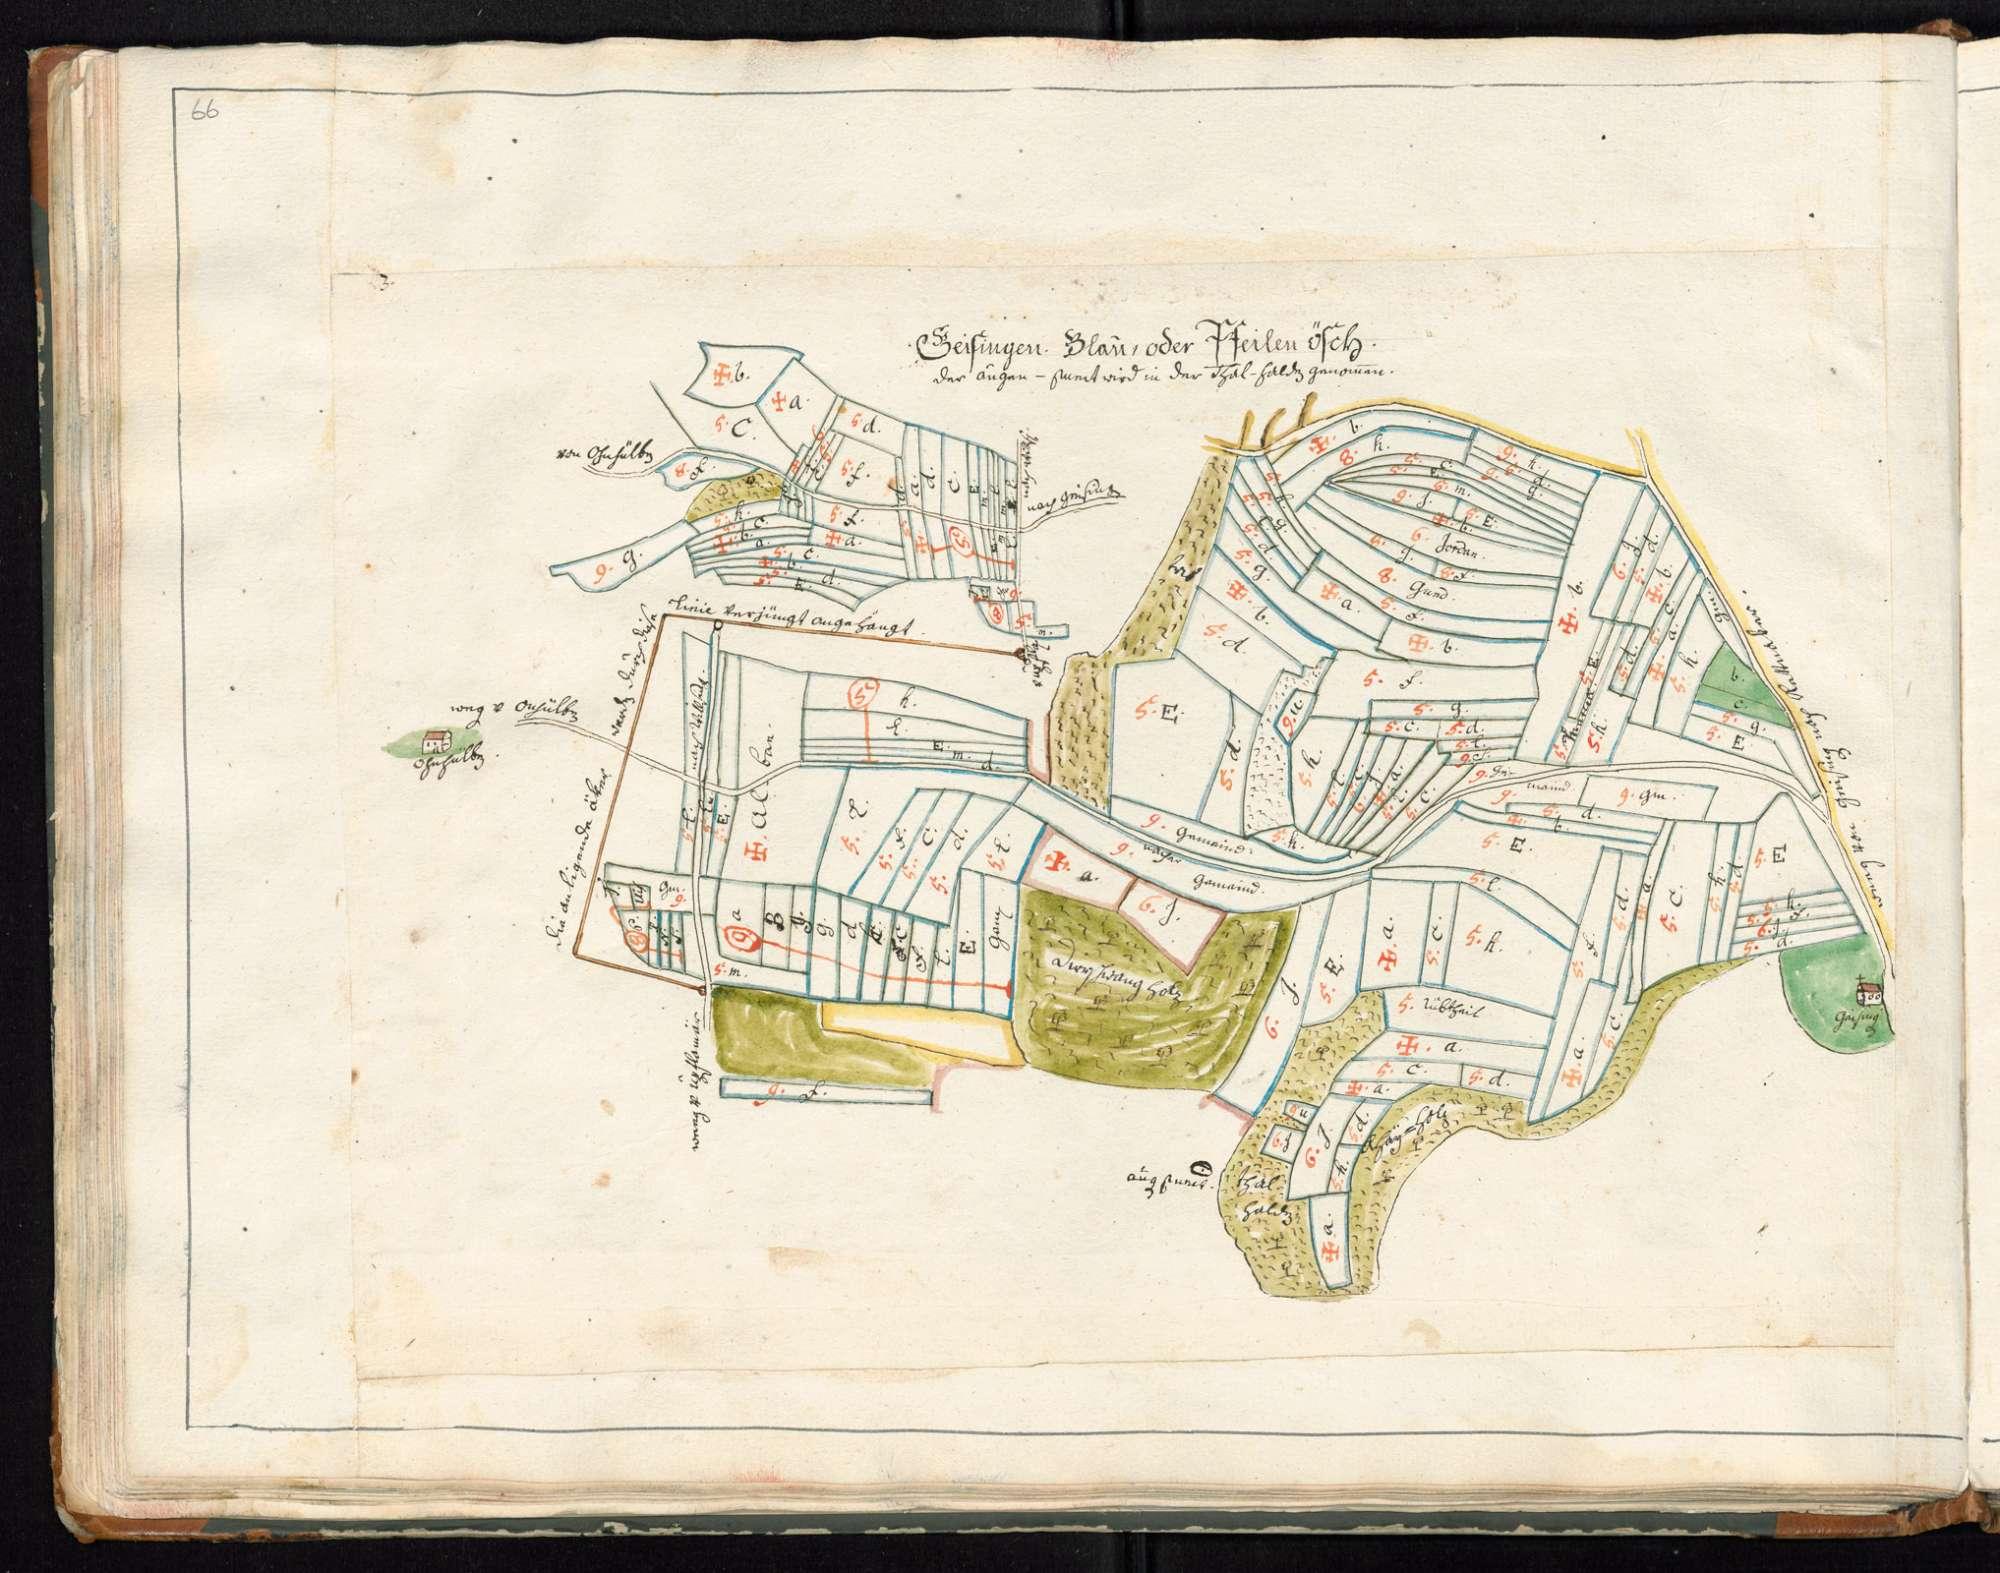 Zwiefalten, Orte des Klosterterritoriums, Geisingen (1), Bild 3